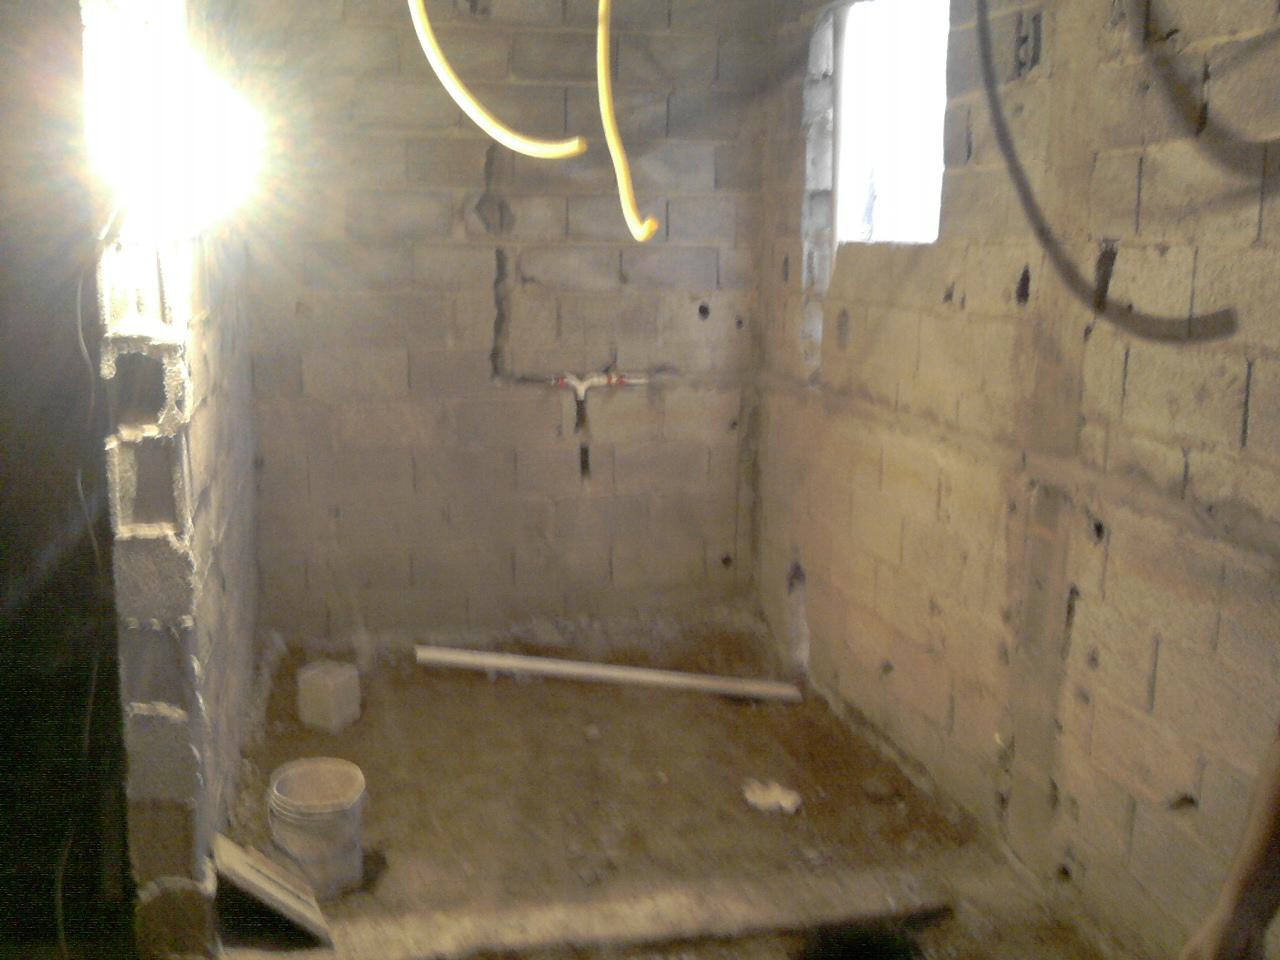 Construção da nossa casa ..: Julho 2011 #302C19 1280 960